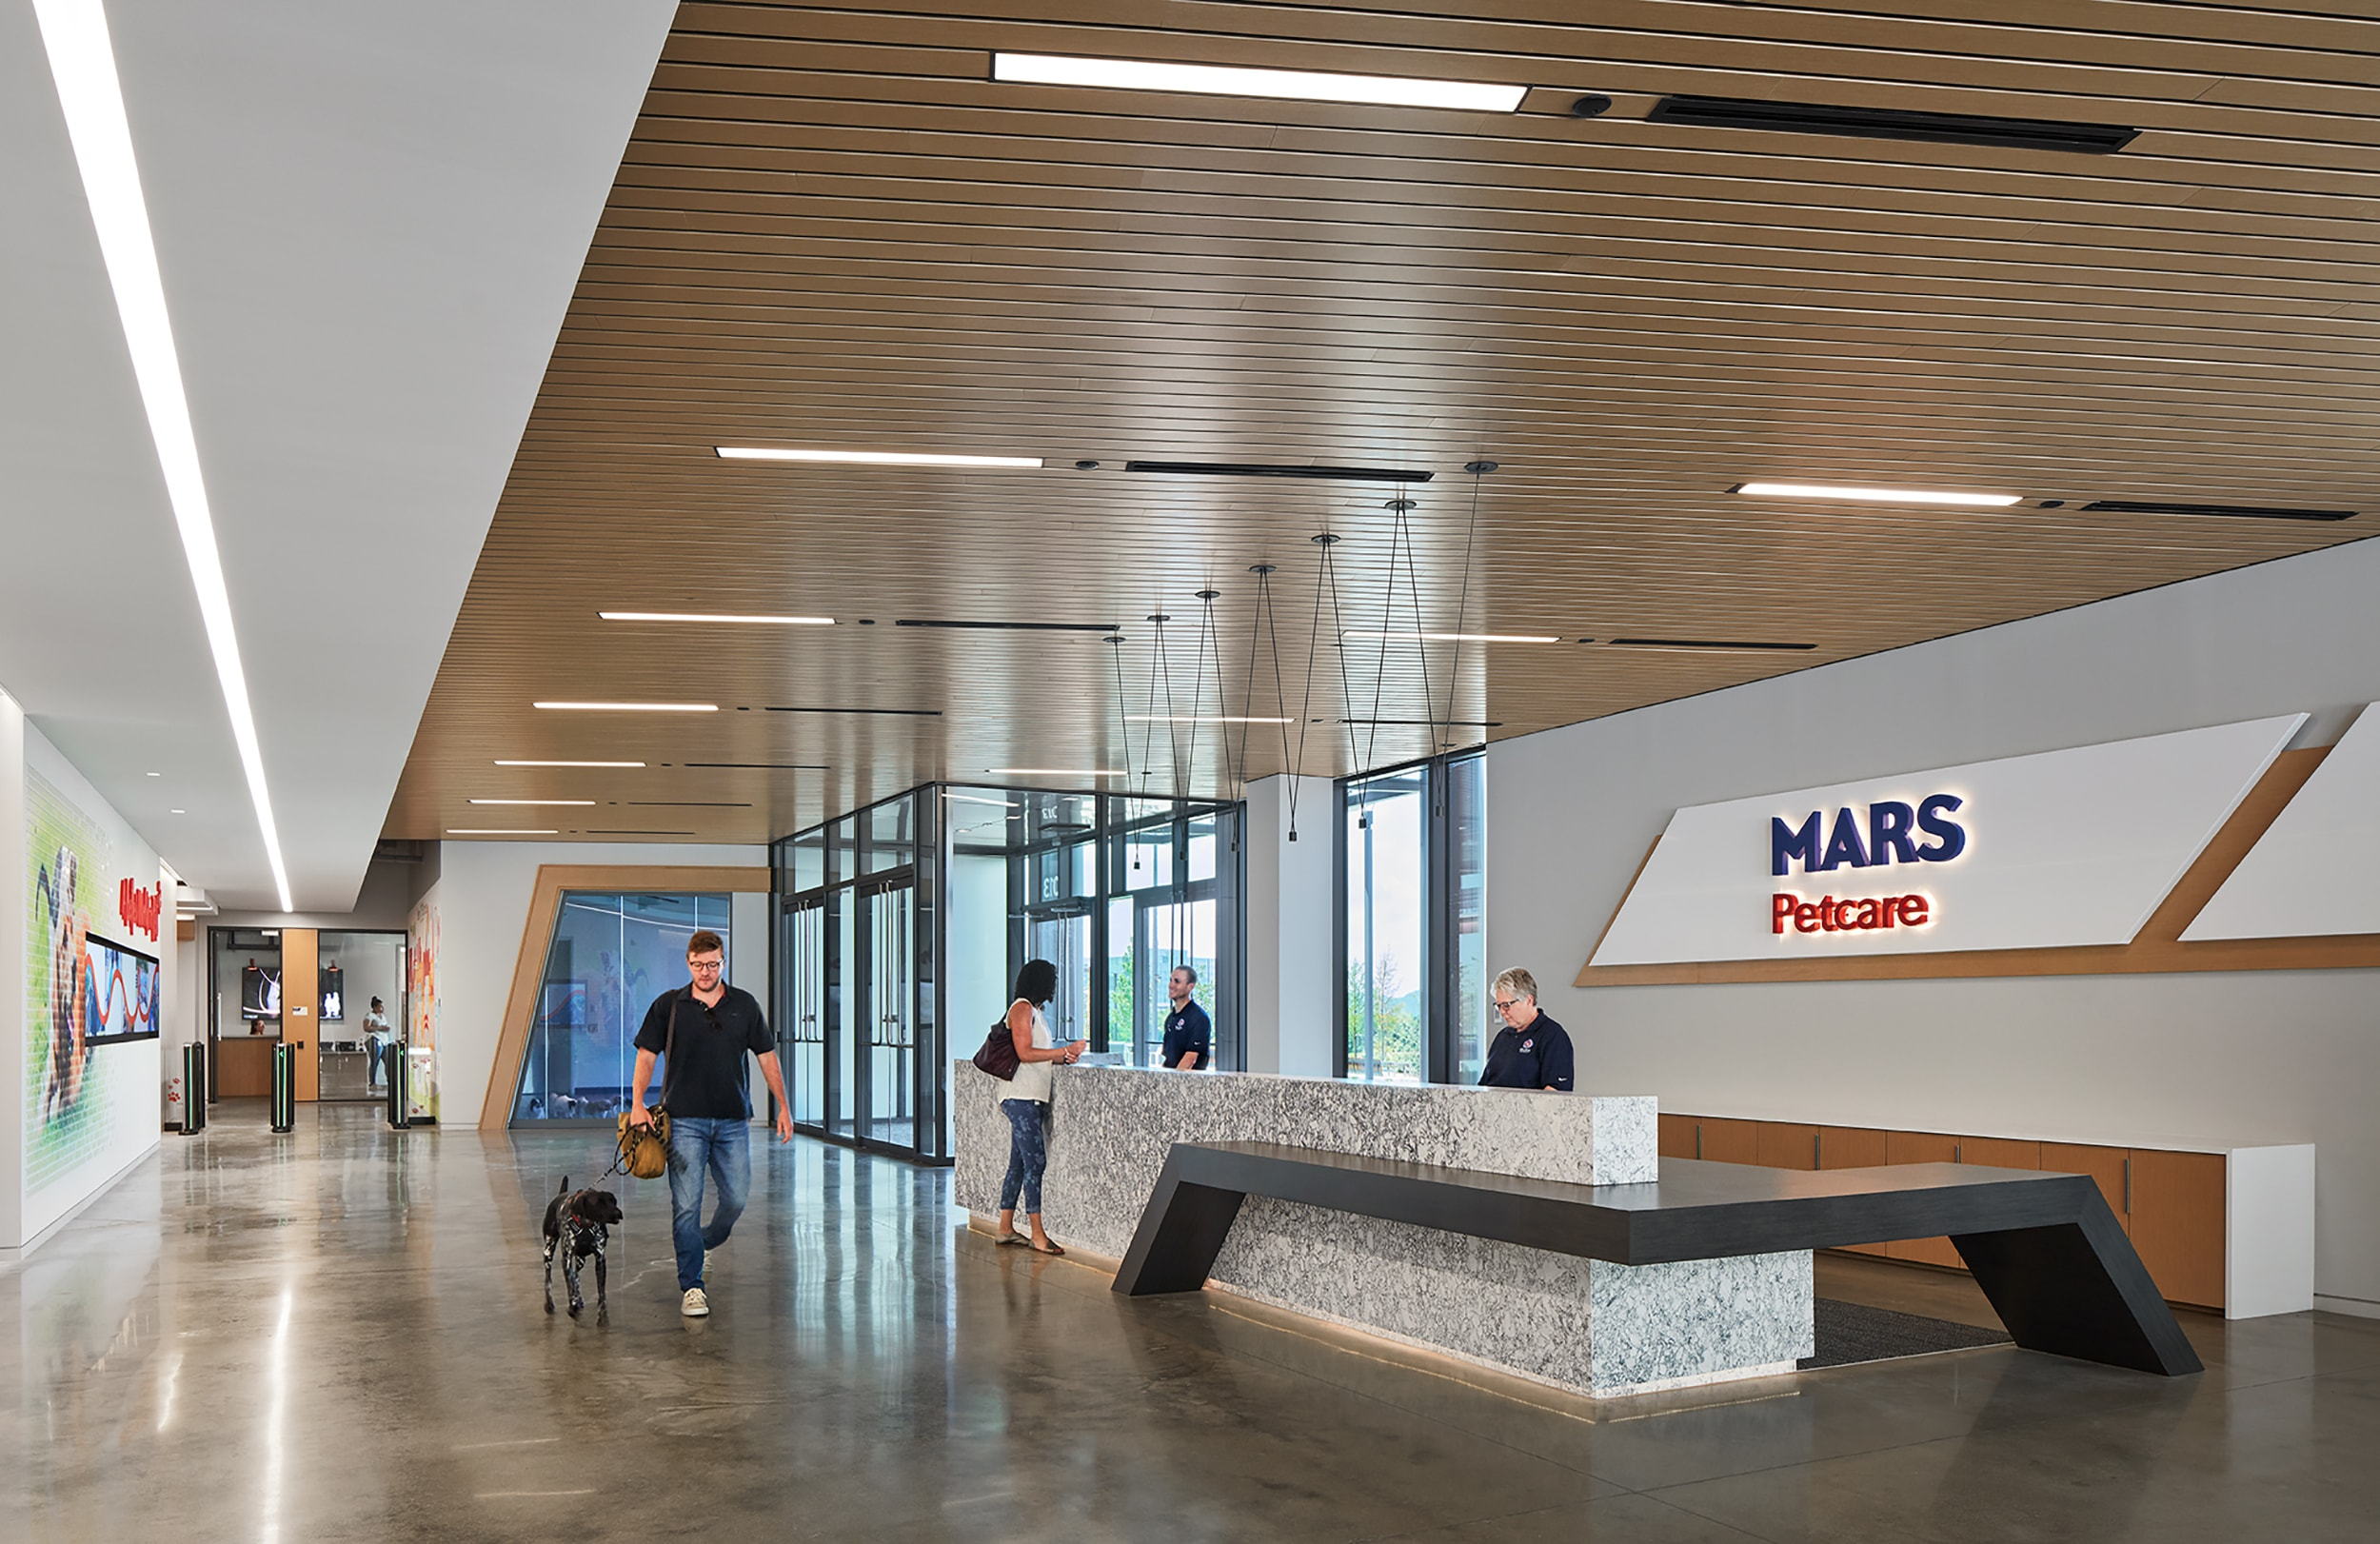 mars petcare 12 steve hall © hall + merrick photographers.jpg